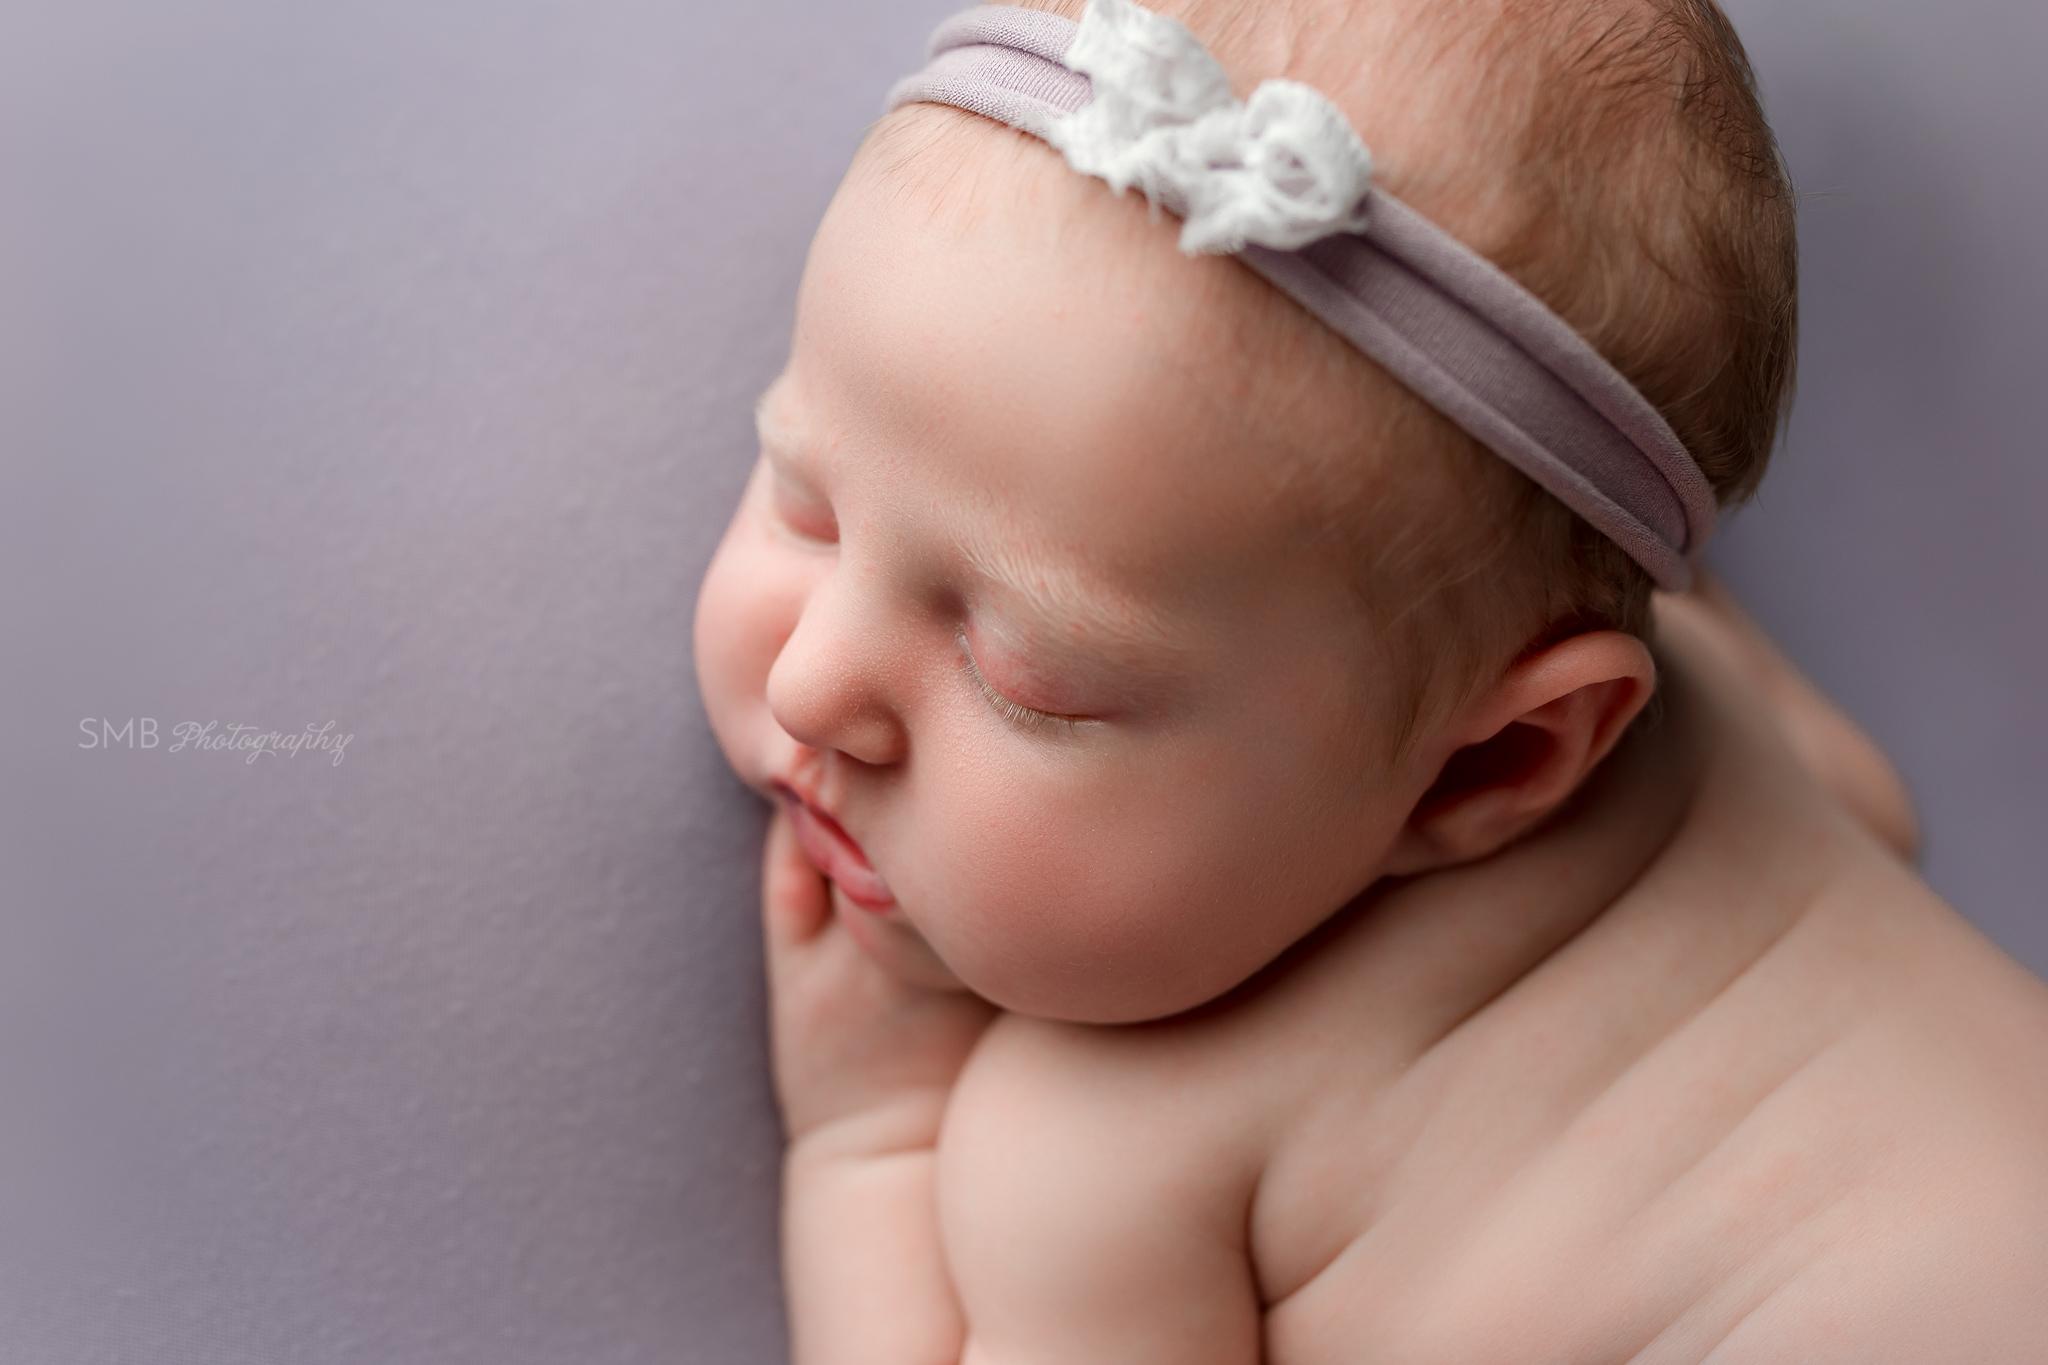 Profile image of newborn face